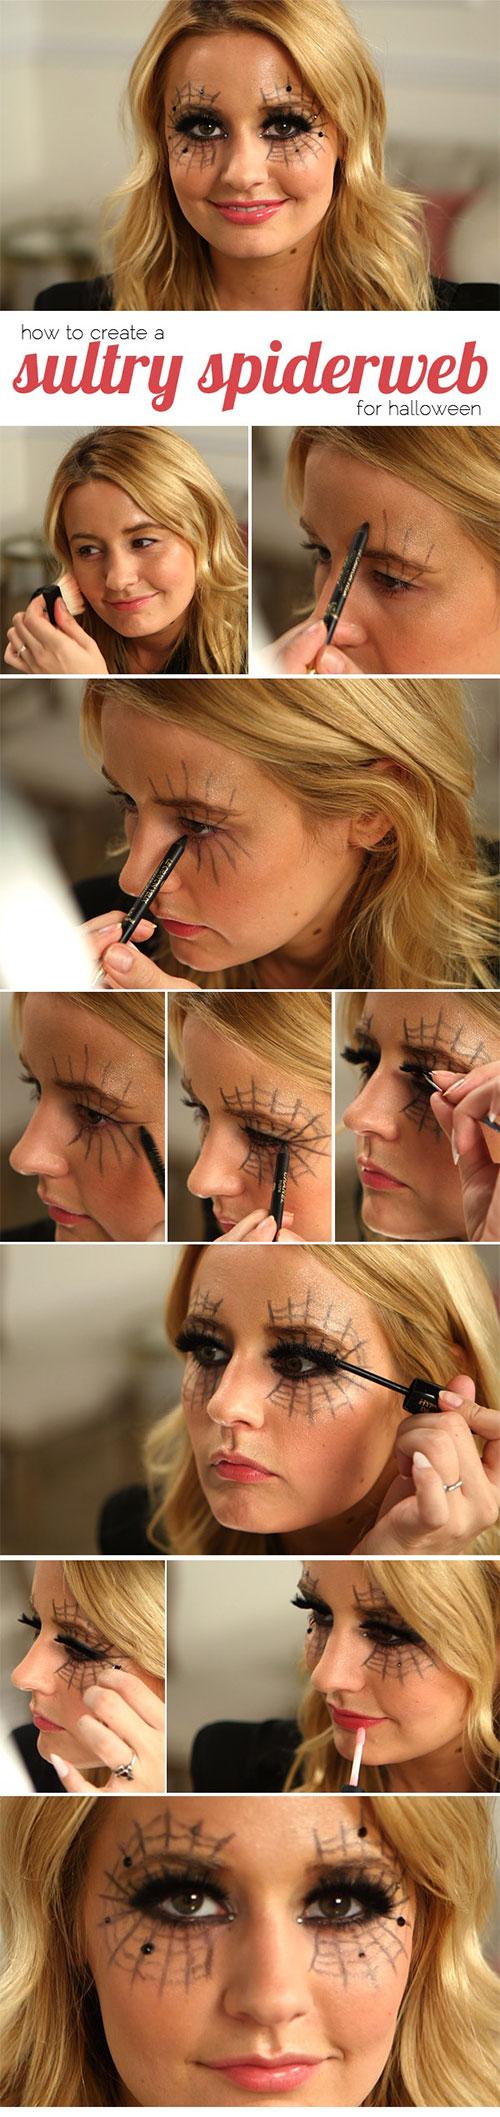 scary eye halloween makeup